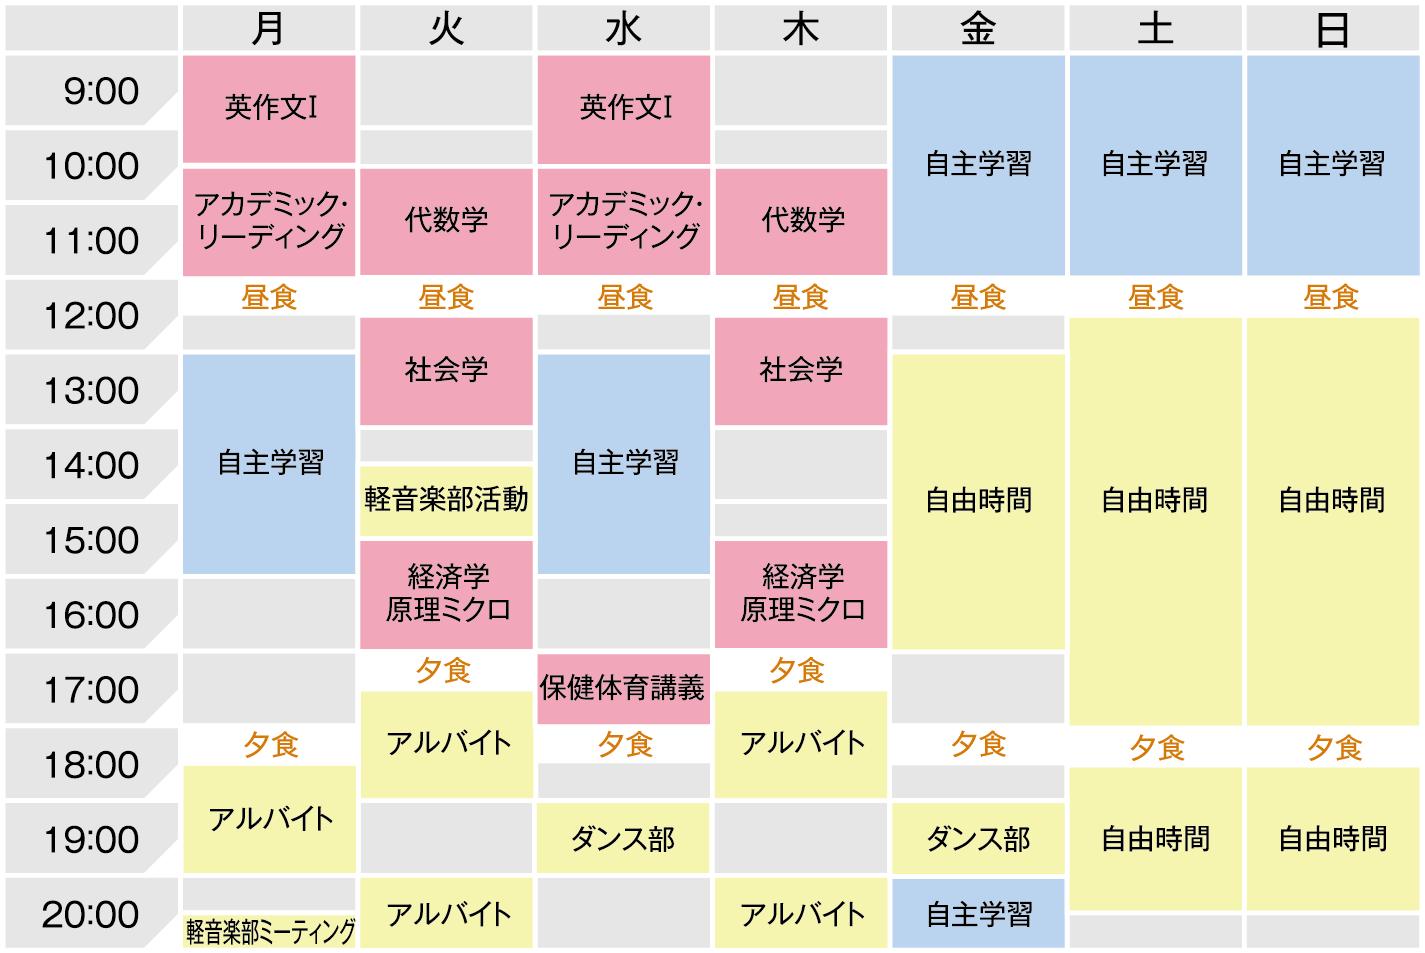 溝口陽仁さんの1週間の予定表